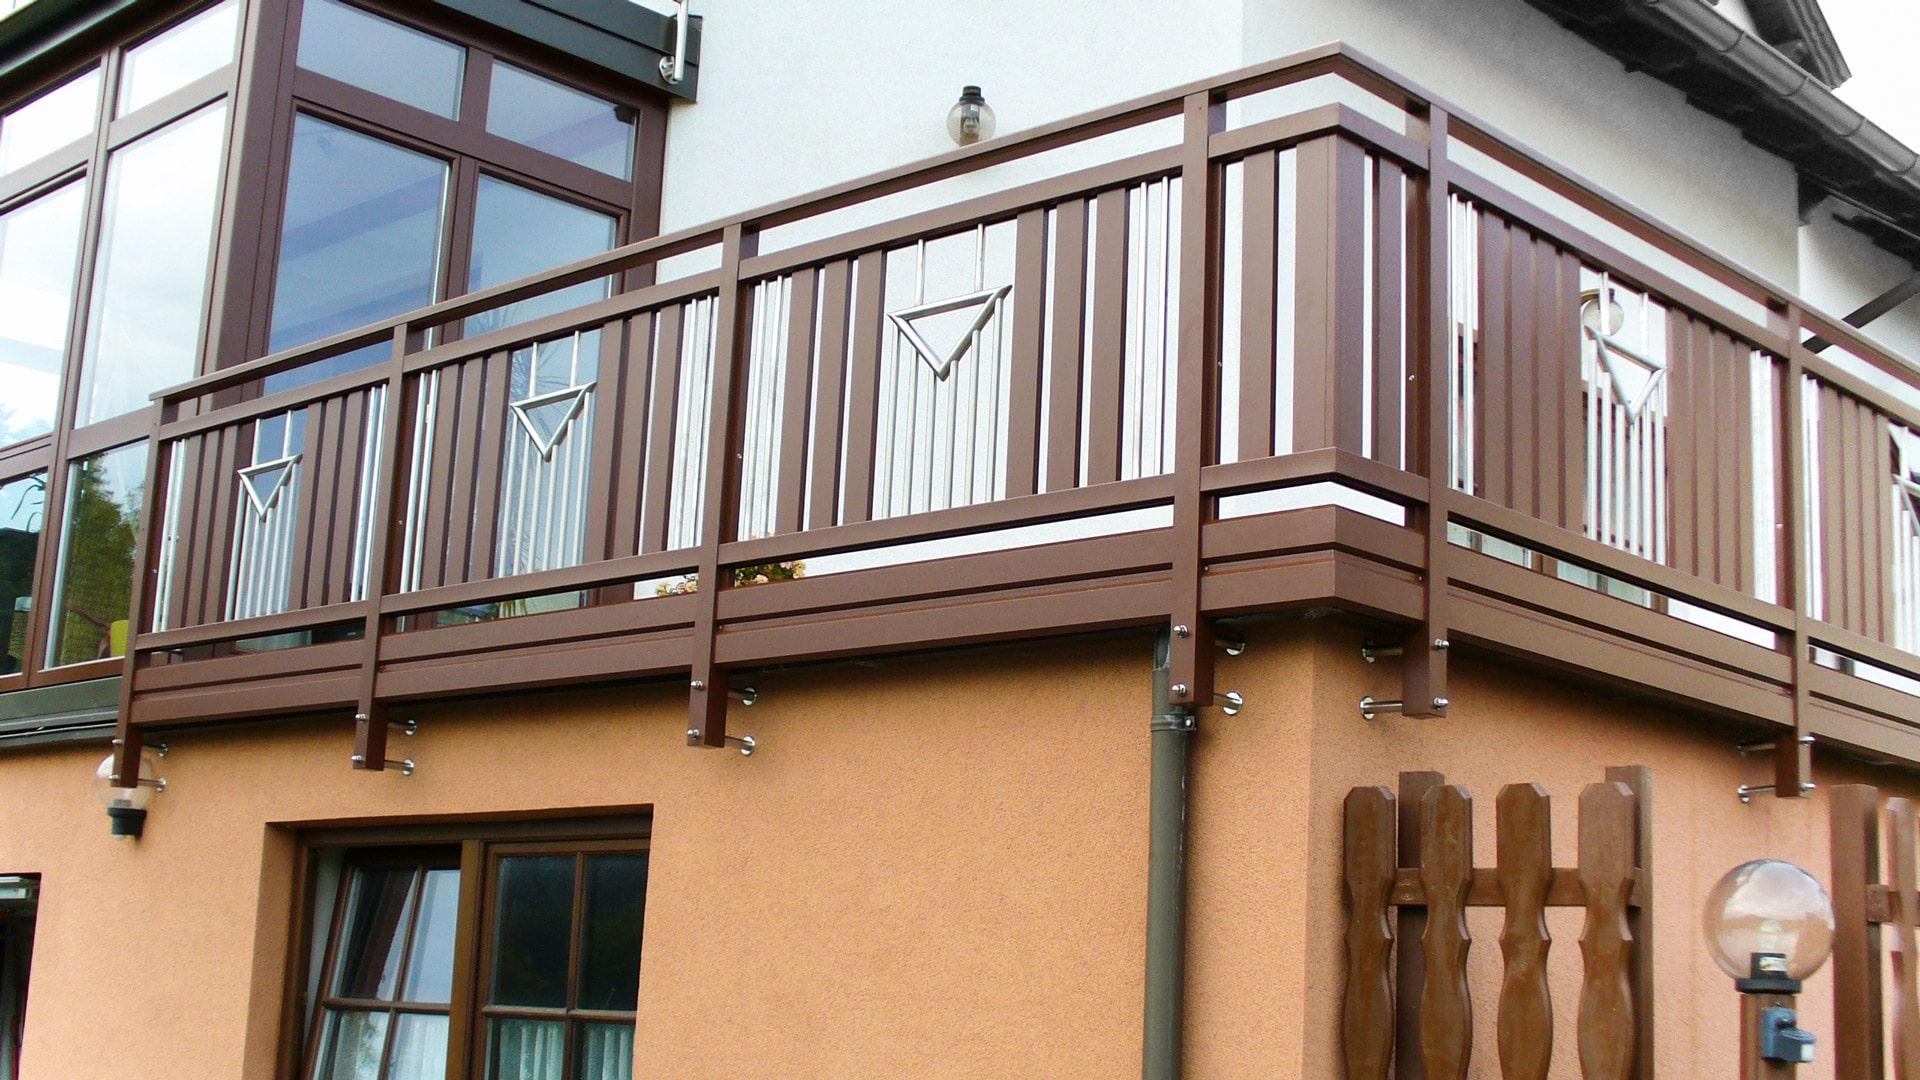 Krems 04 a | brauner Alu-Balkon auf Hausmauervorderseite befestigt mit Nirosta Stäben | Svoboda